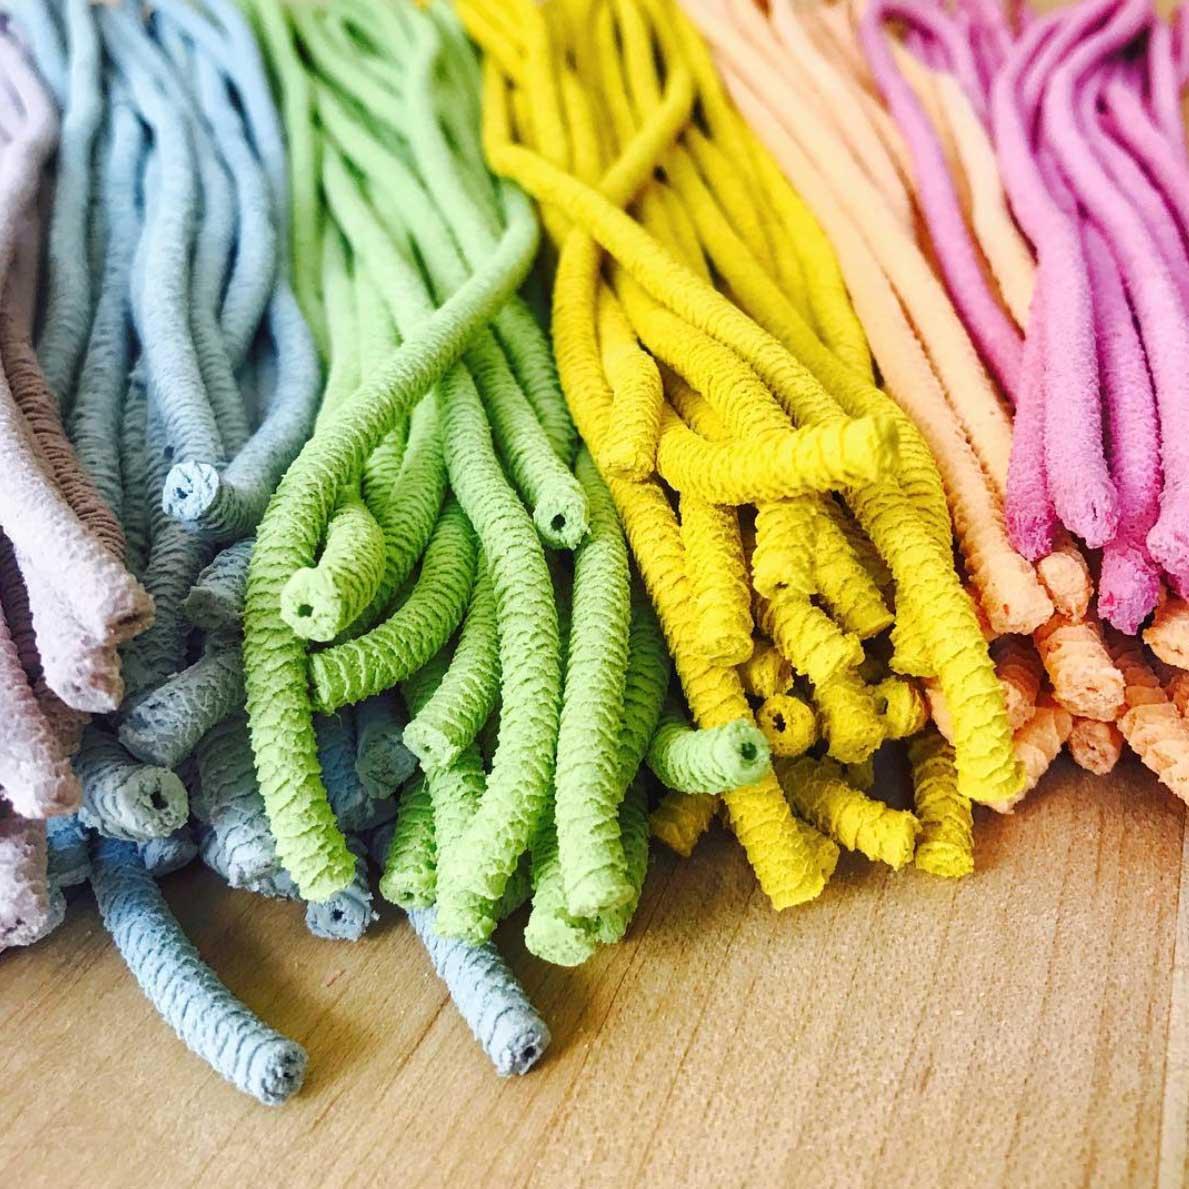 Farbenfrohe Pasta-Kunst von Linda Miller Nicholson Linda-Miller-Nicholson-Past-Pretty-Please_07